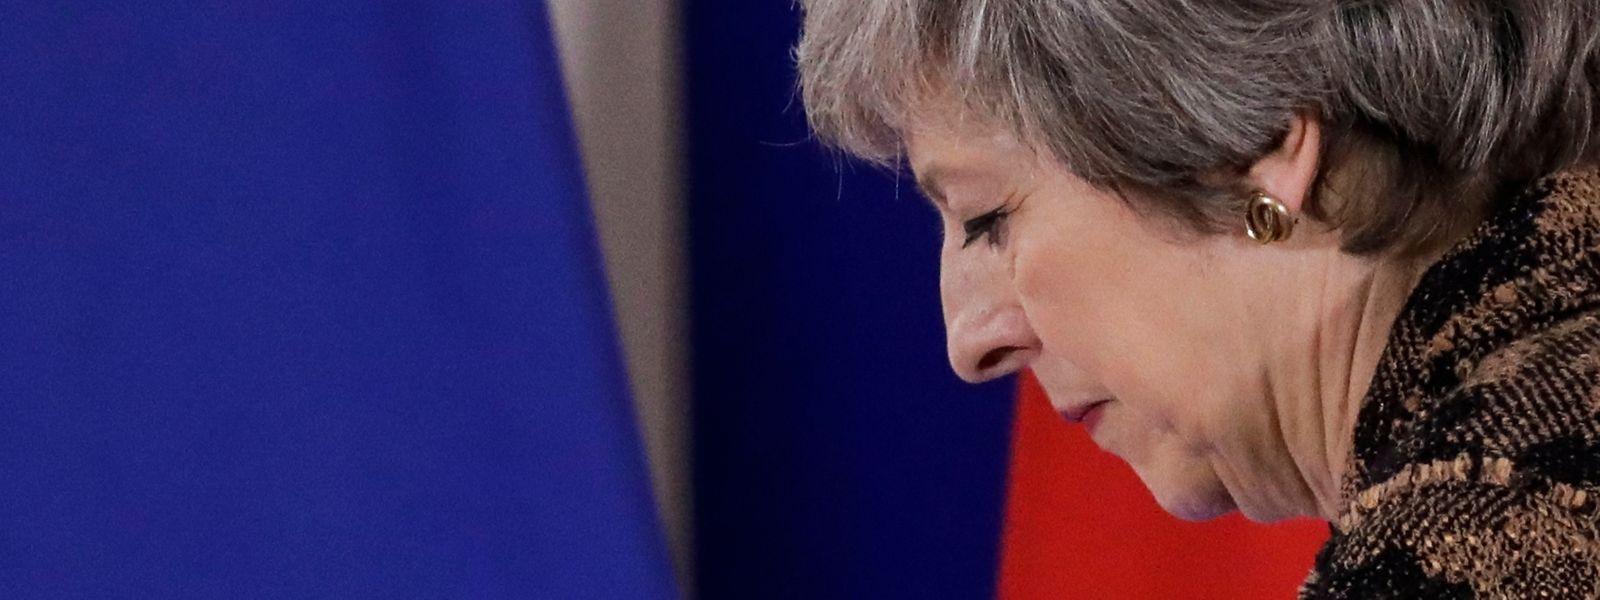 Theresa May, Premierministerin von Großbritannien, bei einer Pressekonferenz während des EU-Gipfels.